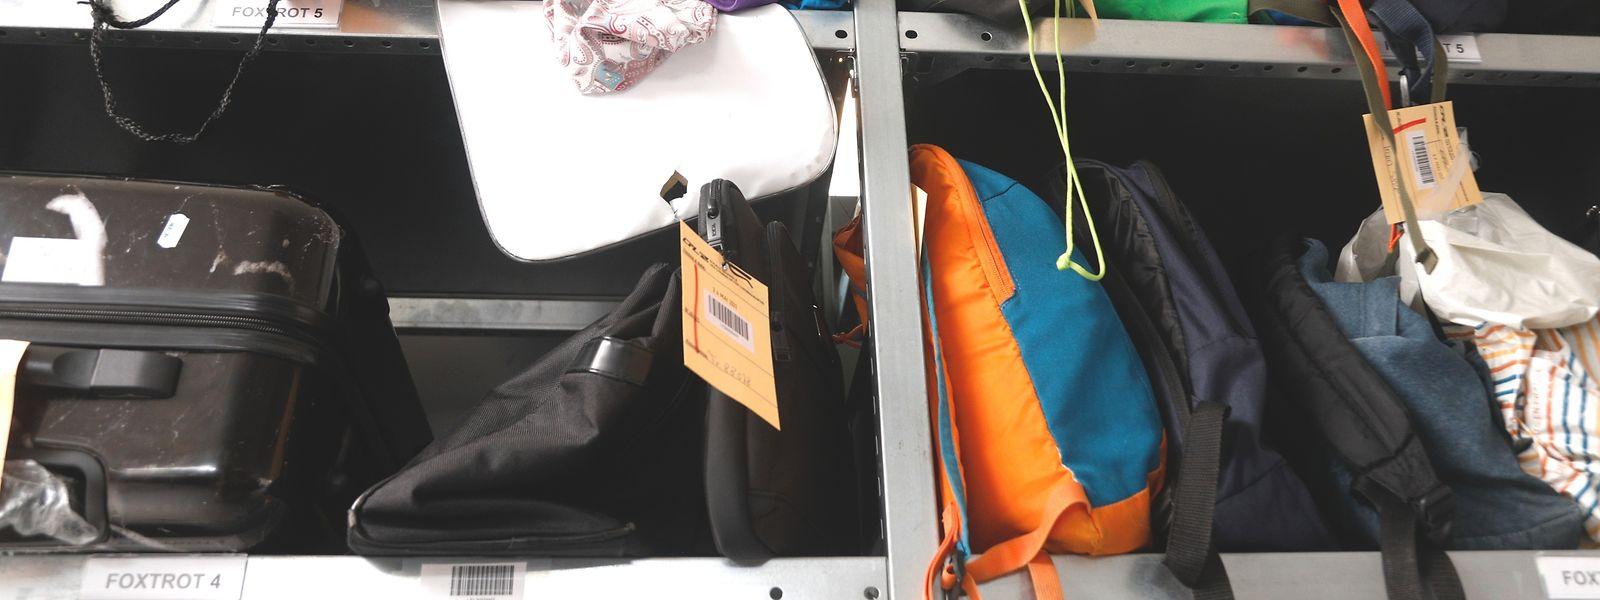 Les sacs à dos, chapeaux et autres blousons restent dans les locaux des CFL pendant deux mois.